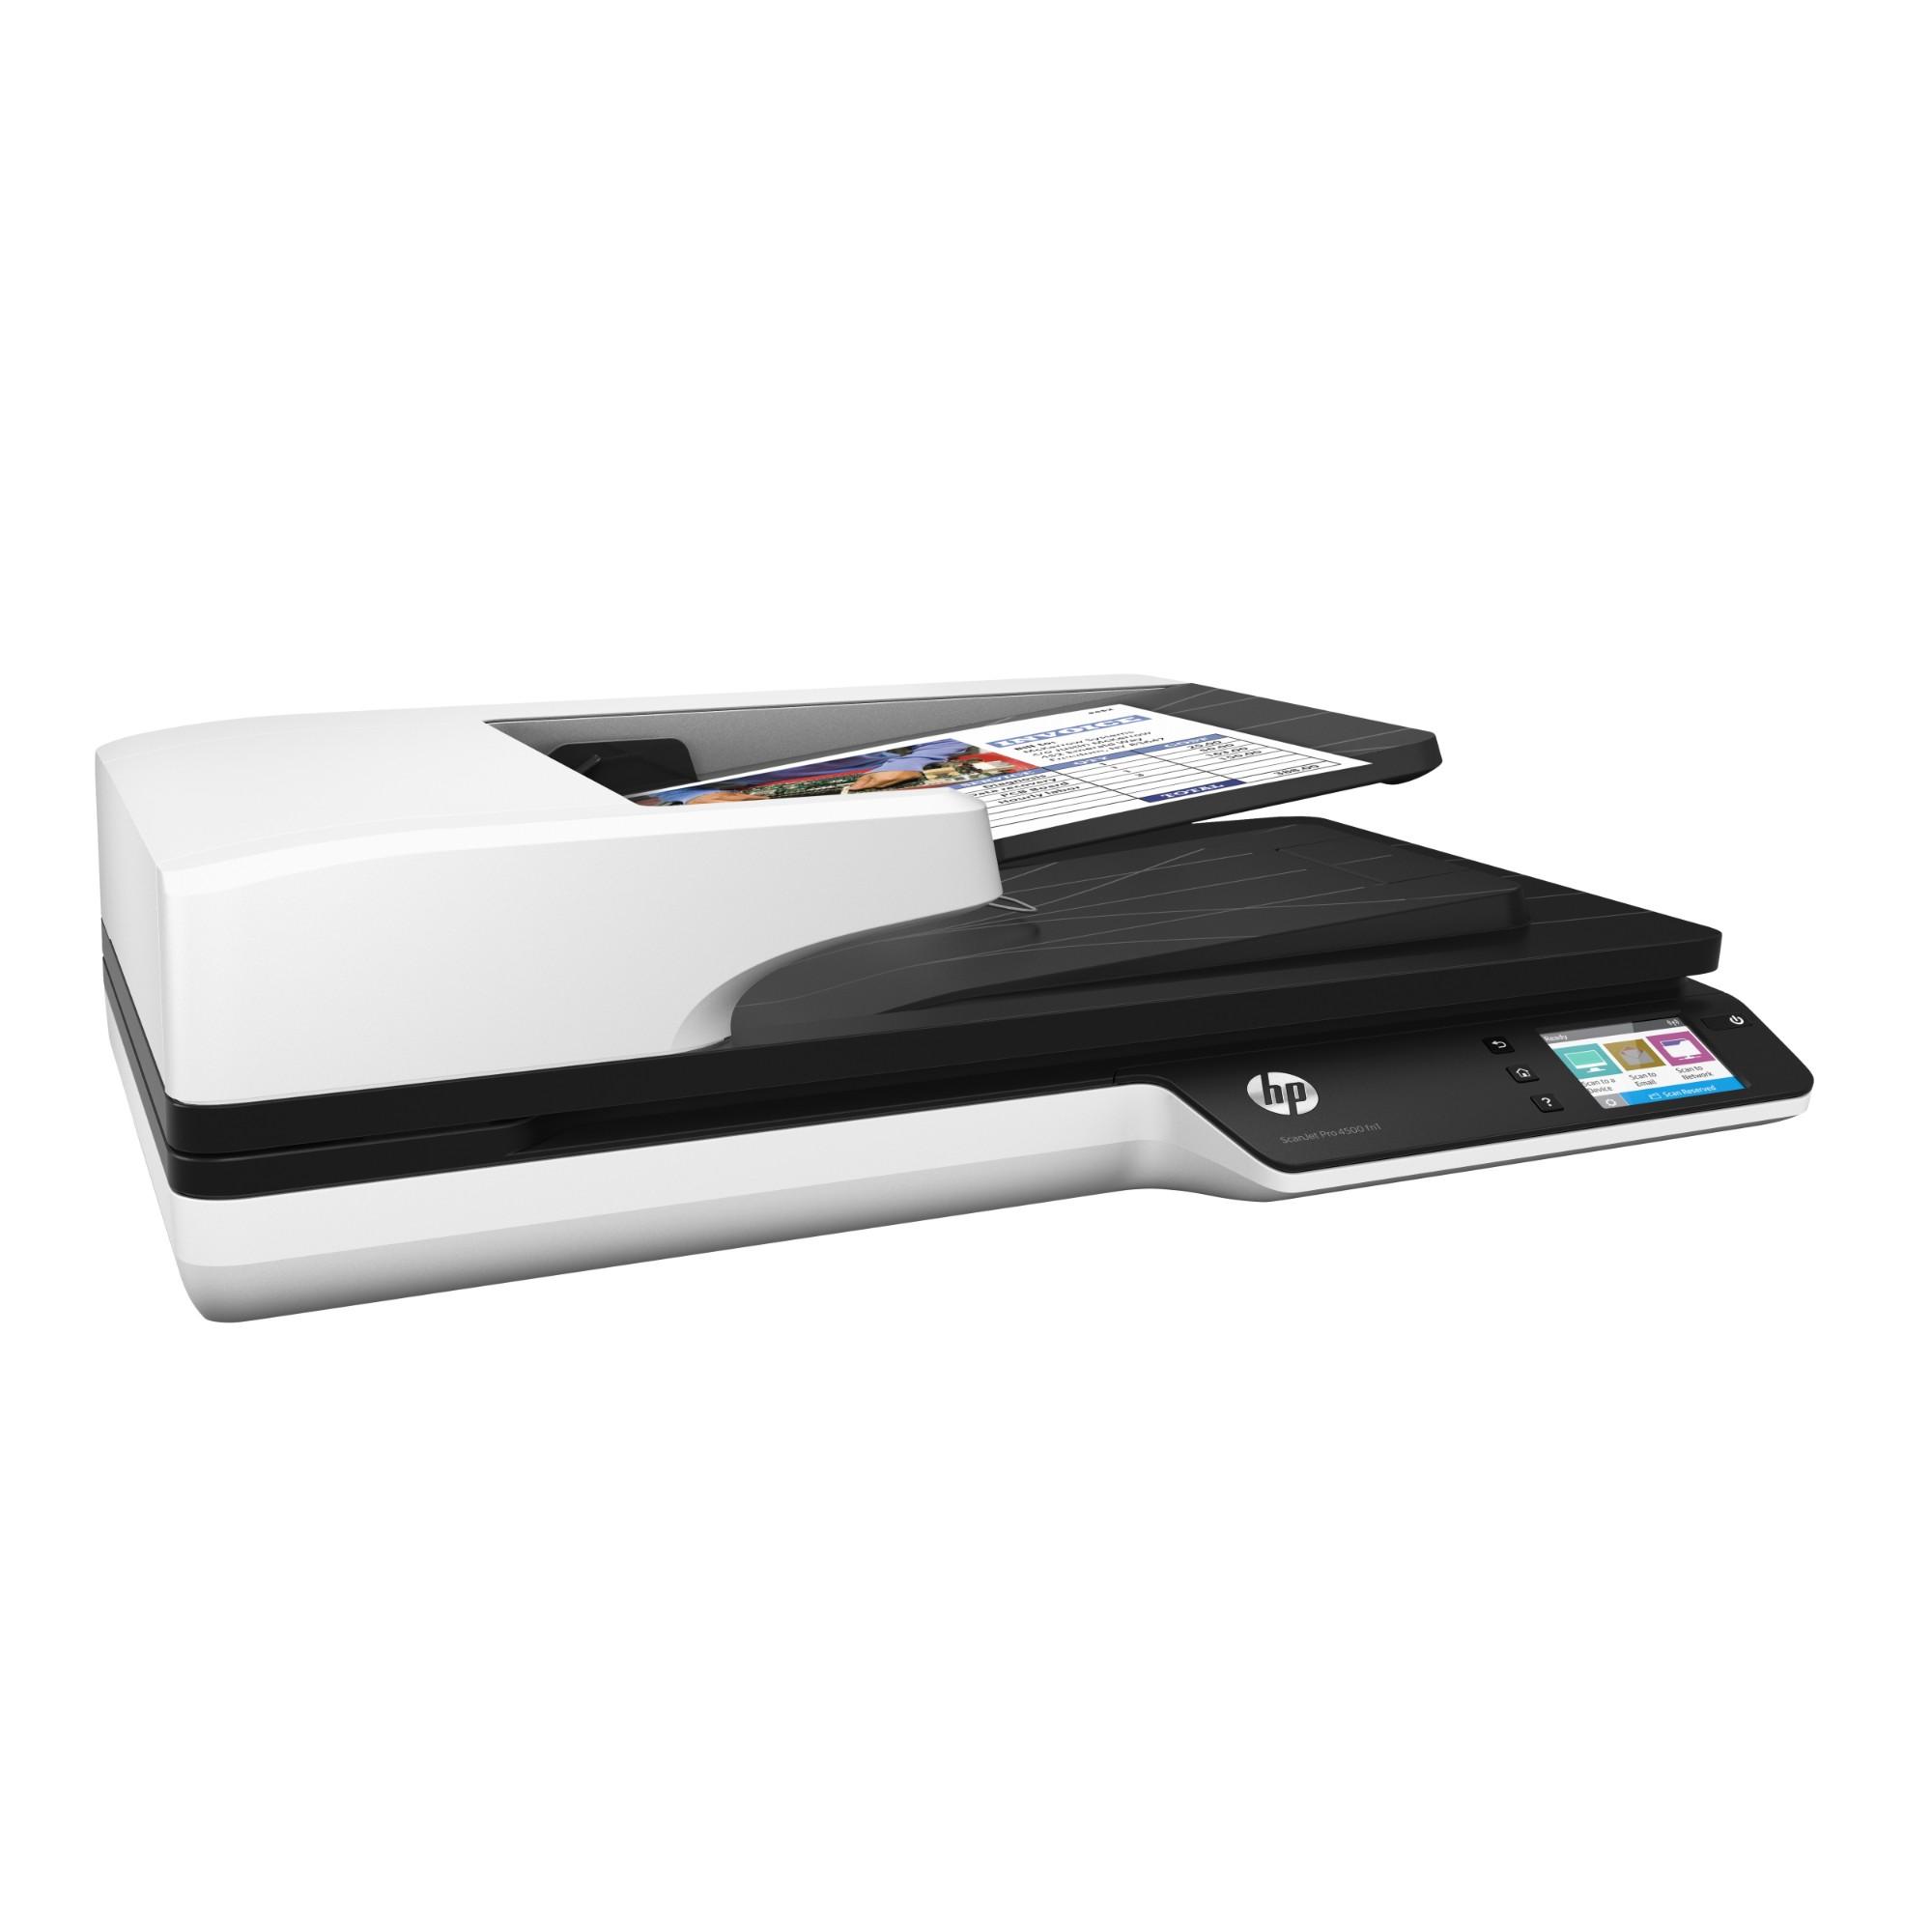 Scanjet Pro 4500 fn1 Network Flatbed Scanner Wi-Fi